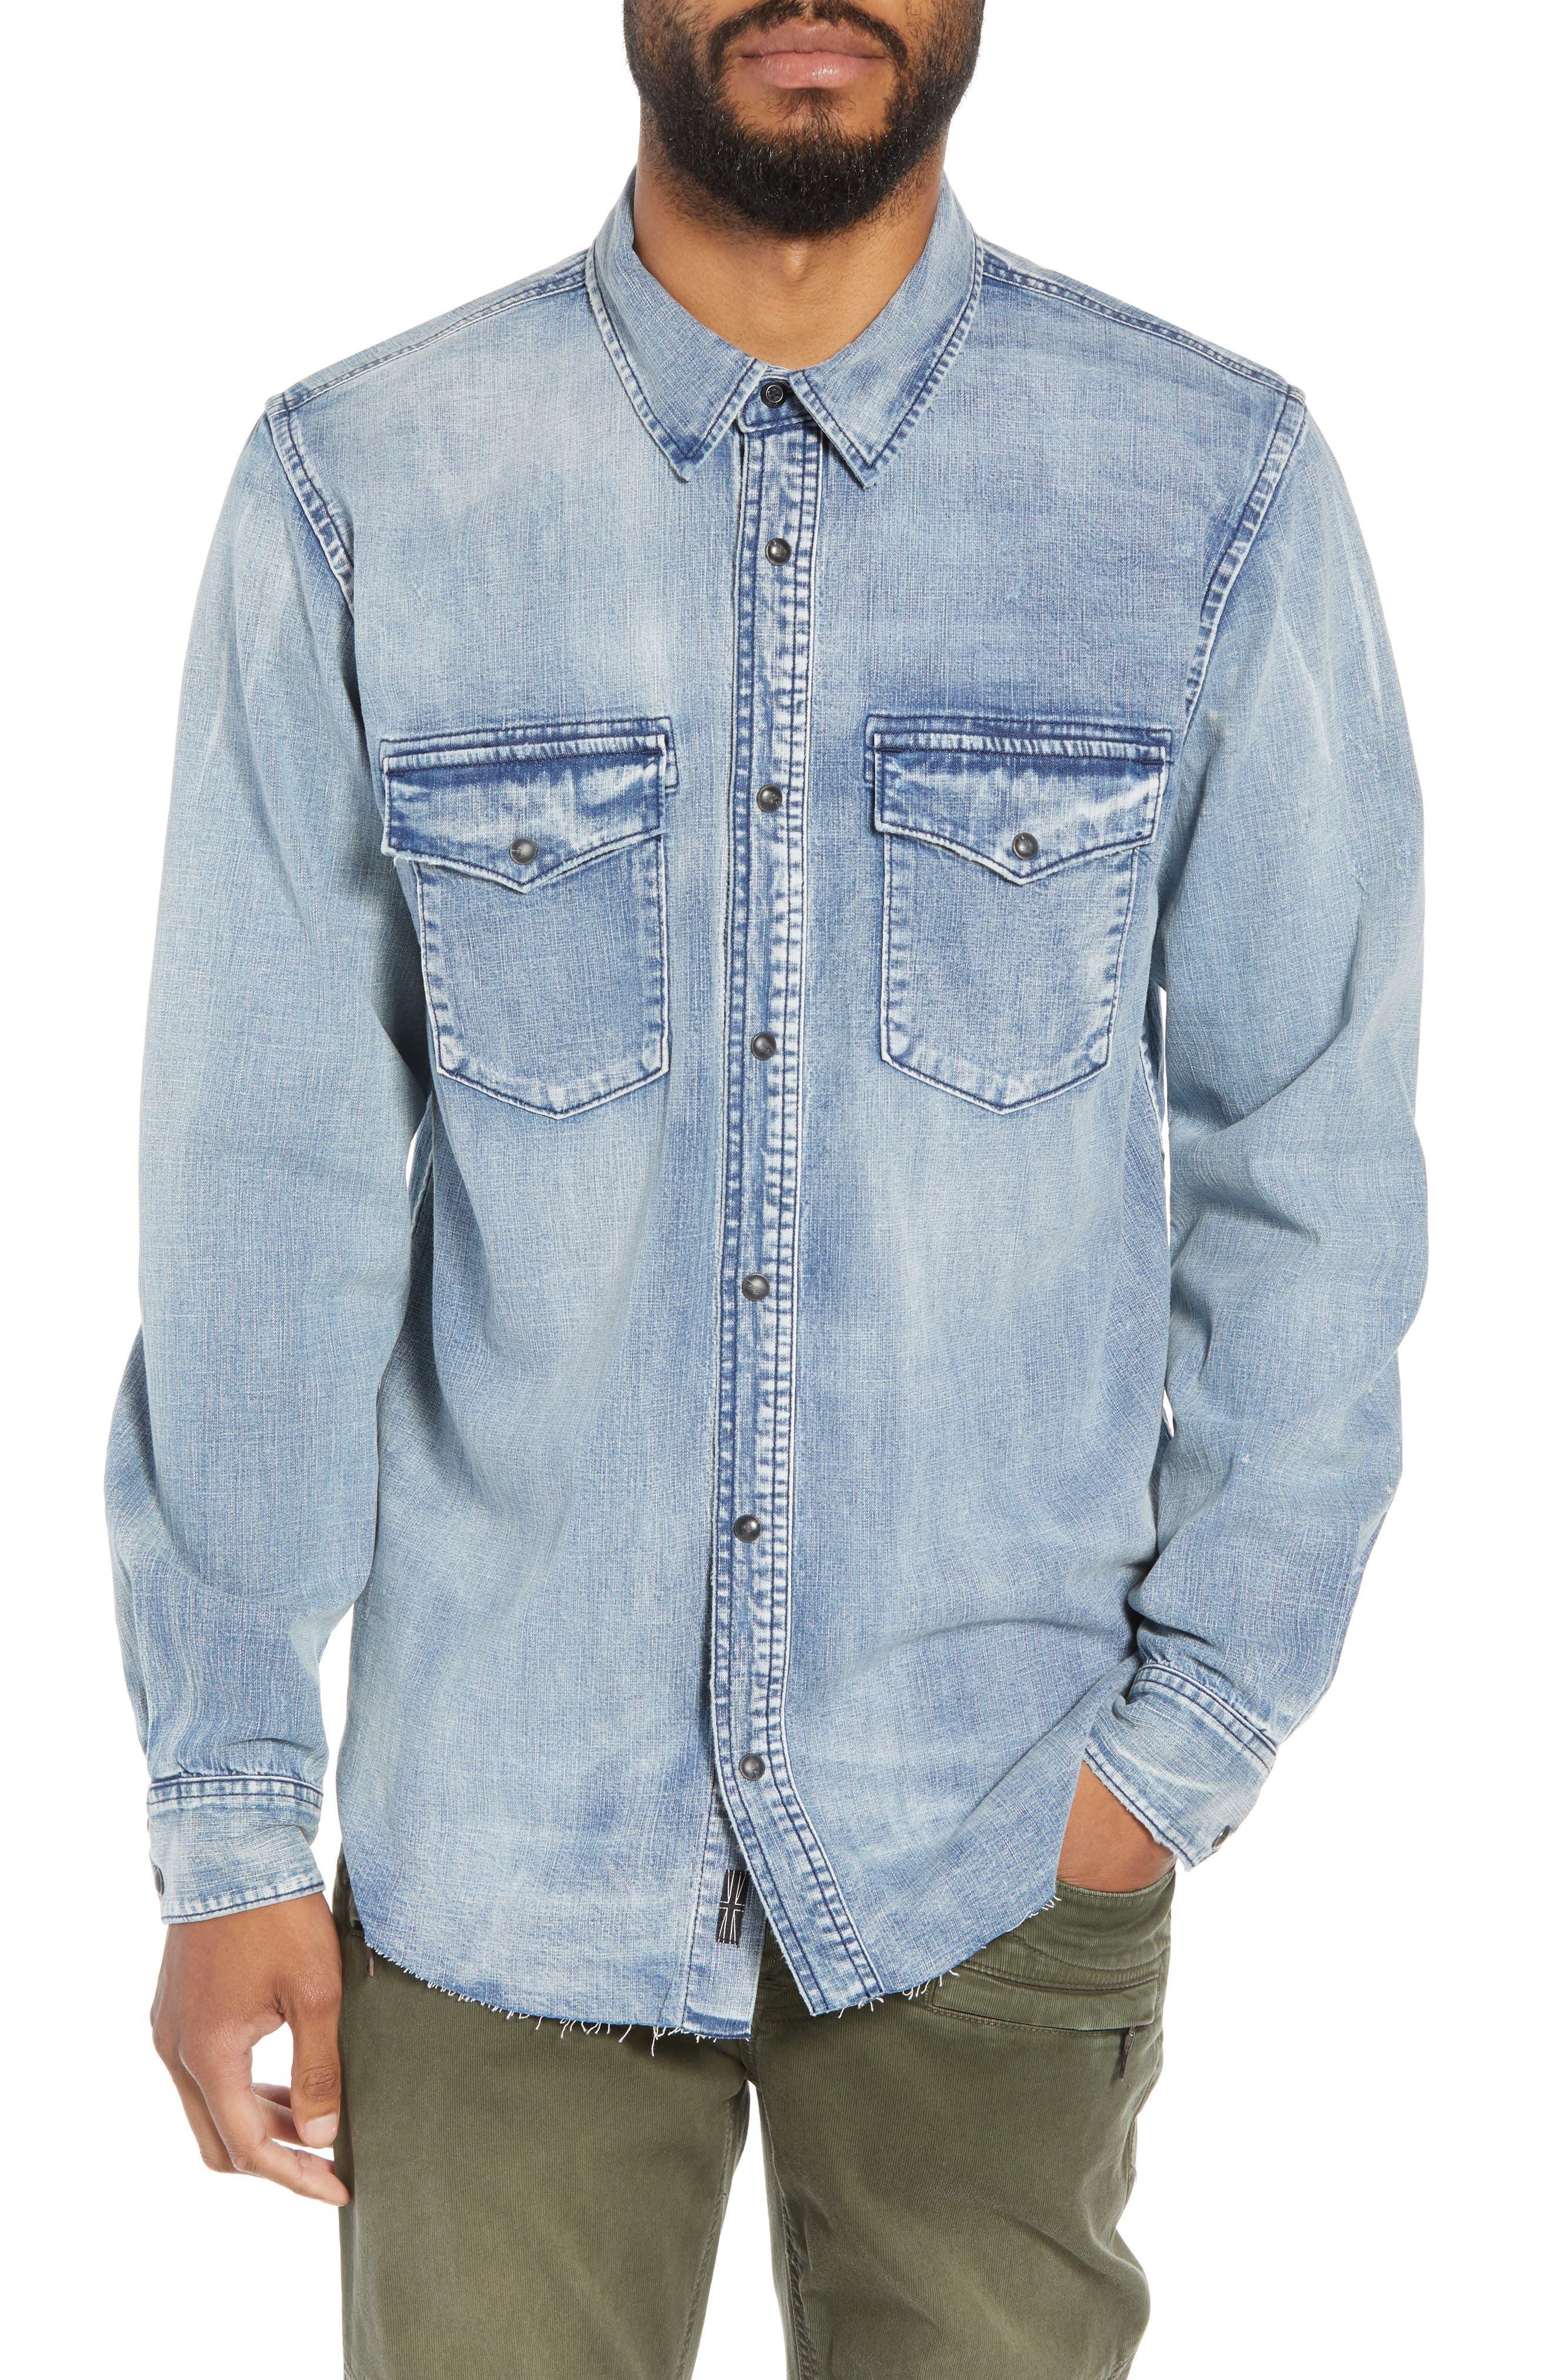 Hudson Regular Fit Denim Shirt,                         Main,                         color, VINTAGE INDIGO